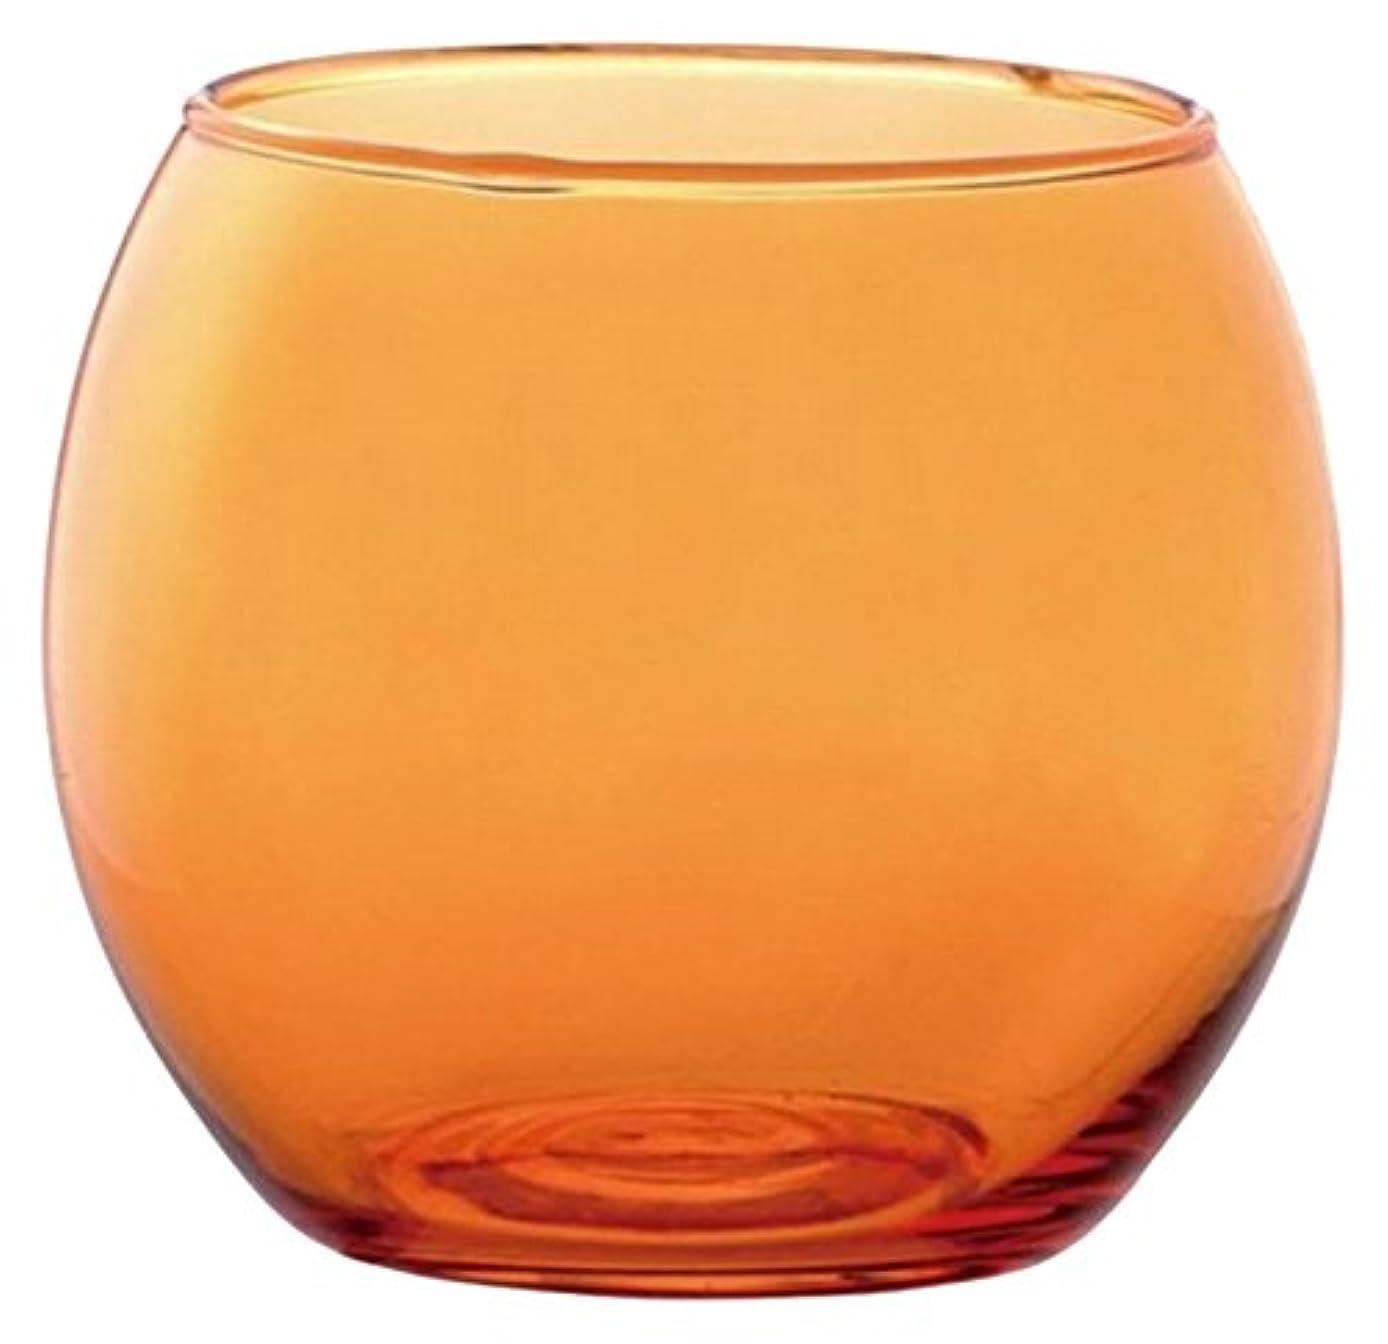 優しい物思いにふけるセッションカメヤマキャンドルハウス スフィアキャンドルホルダー  オレンジ